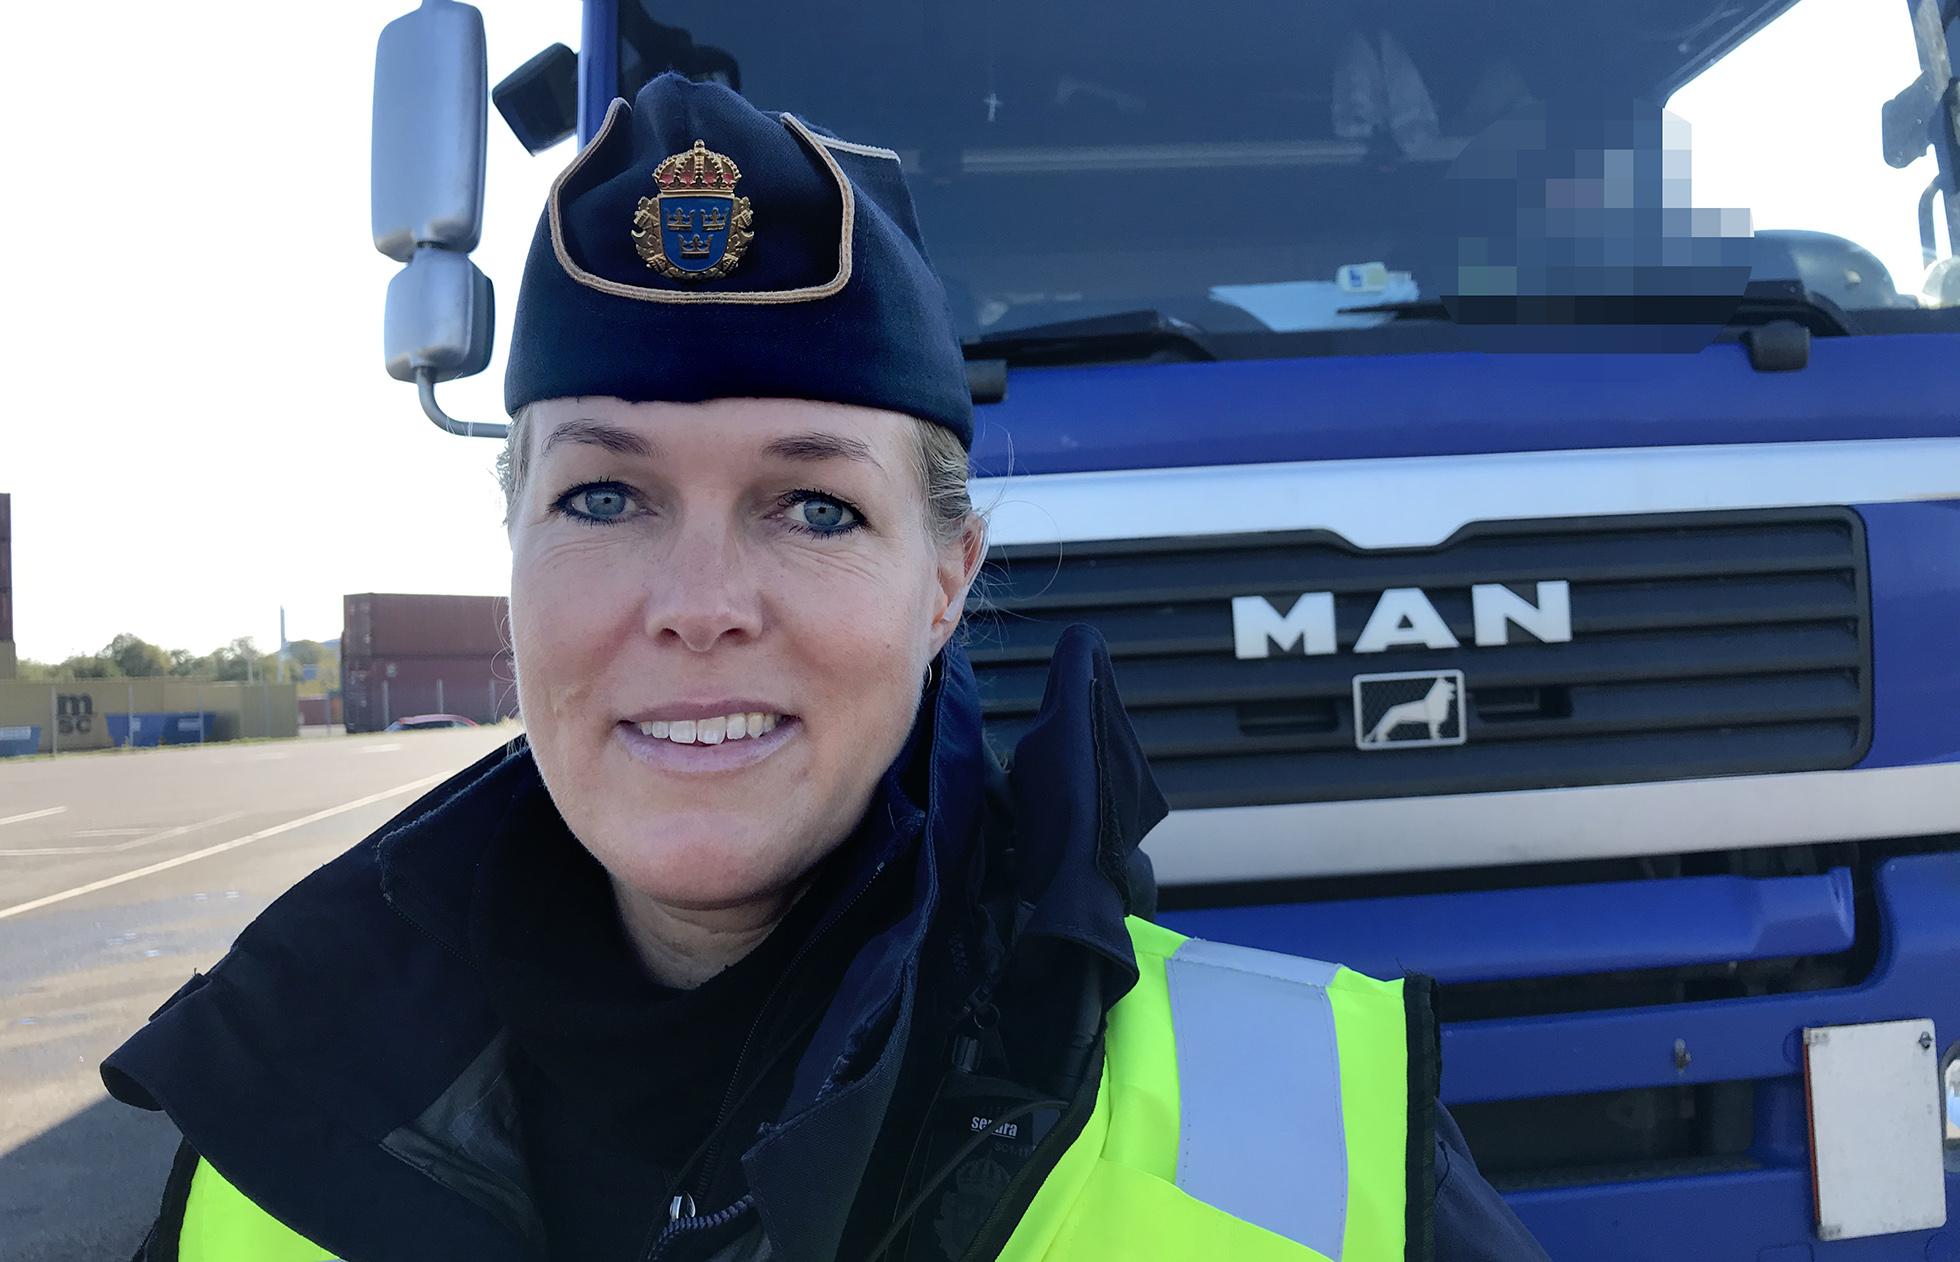 Gränspolis Anna Lönn berättade om proceduren kring avvisning av förare. Foto Heidi Bodensjö